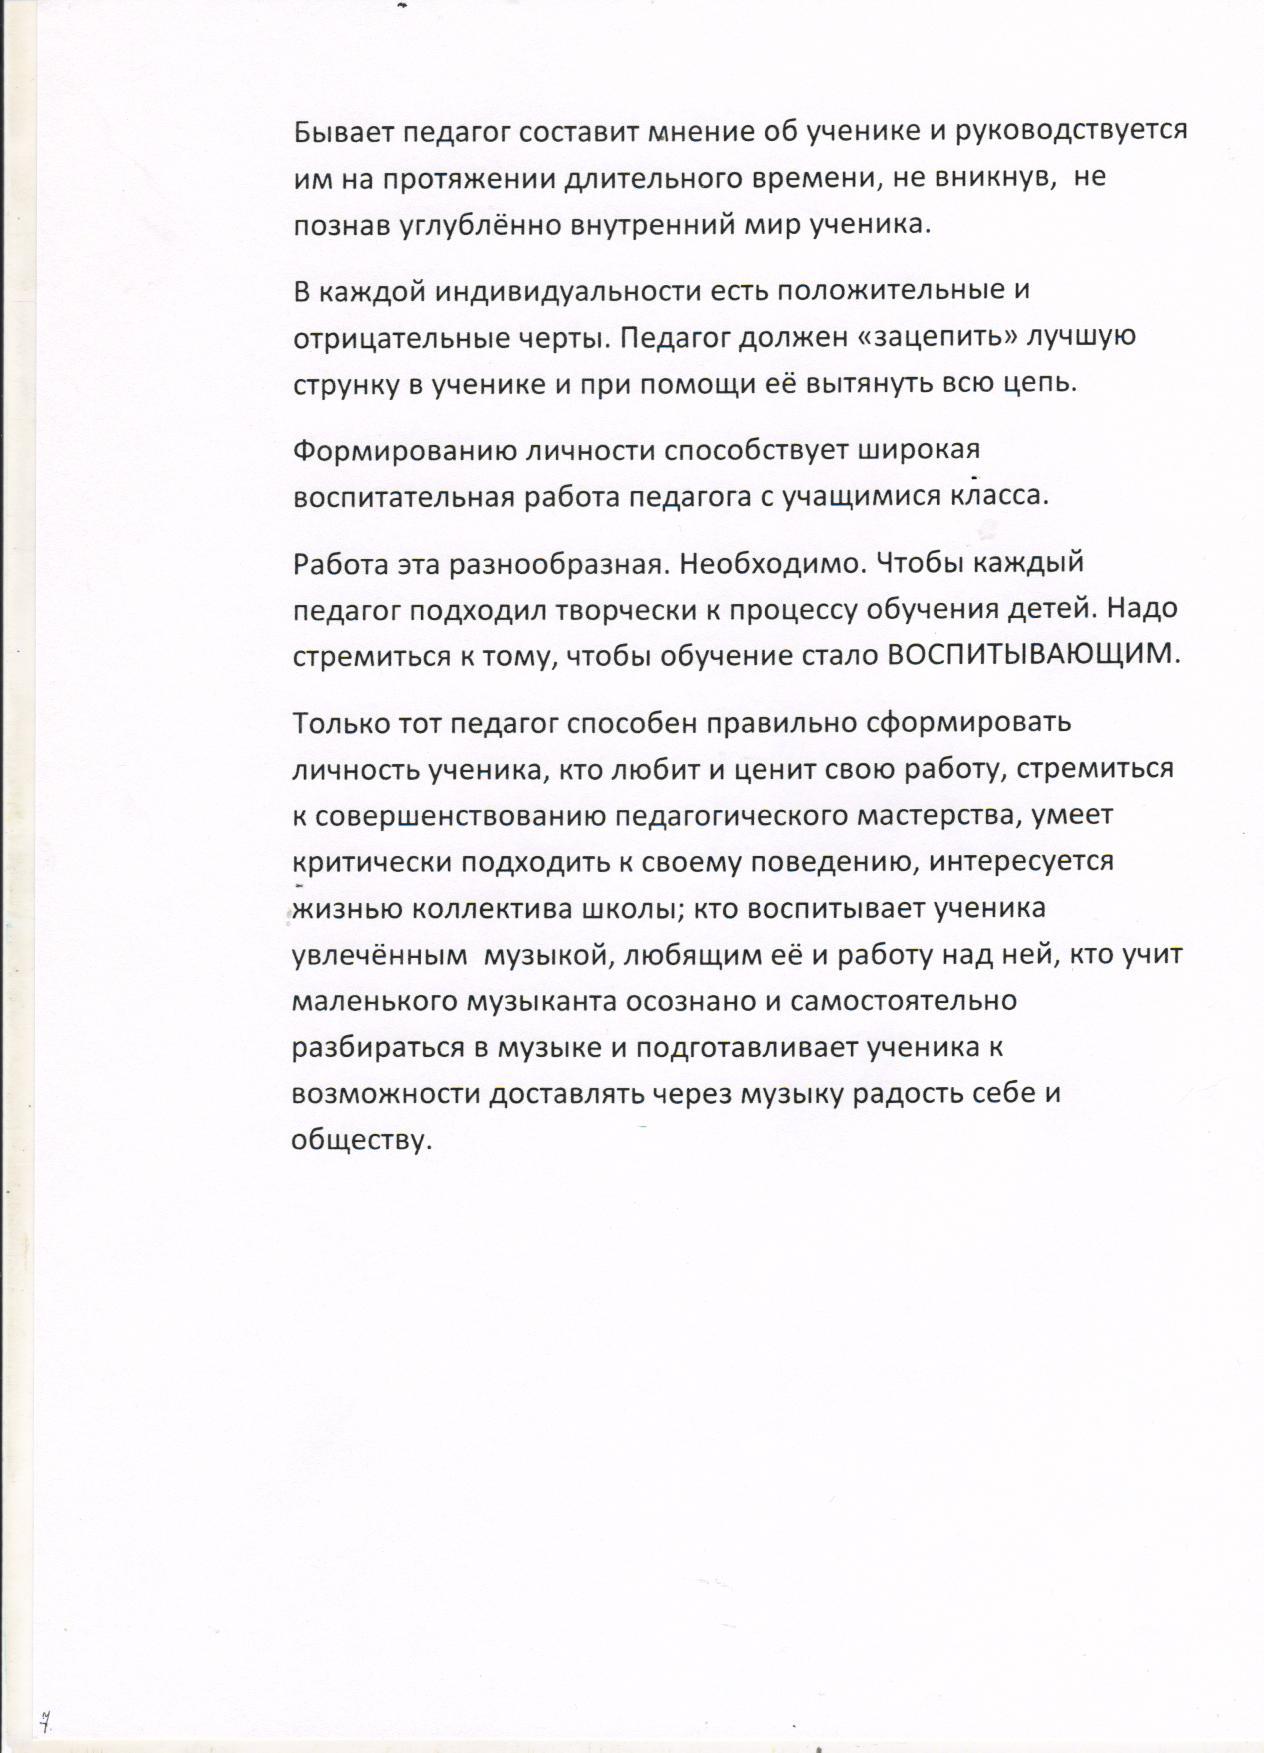 C:\Documents and Settings\Учитель\Рабочий стол\роль преподавателя 8.jpg